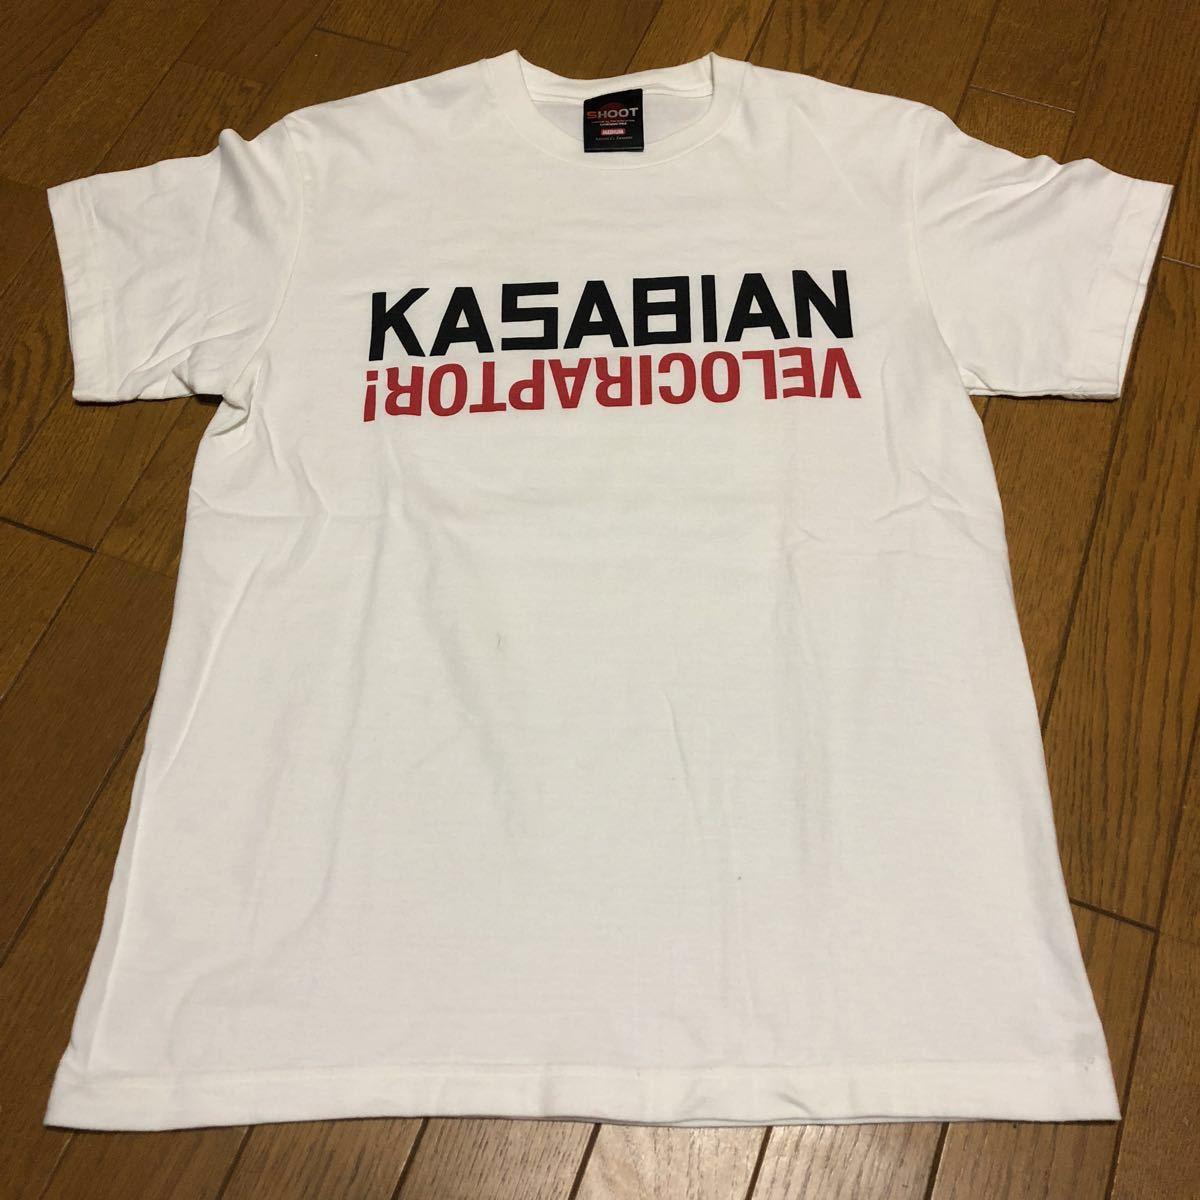 2012年 カサビアン kasabian ツアー tシャツ / the libertines the strokes the view oasis Radiohead blur